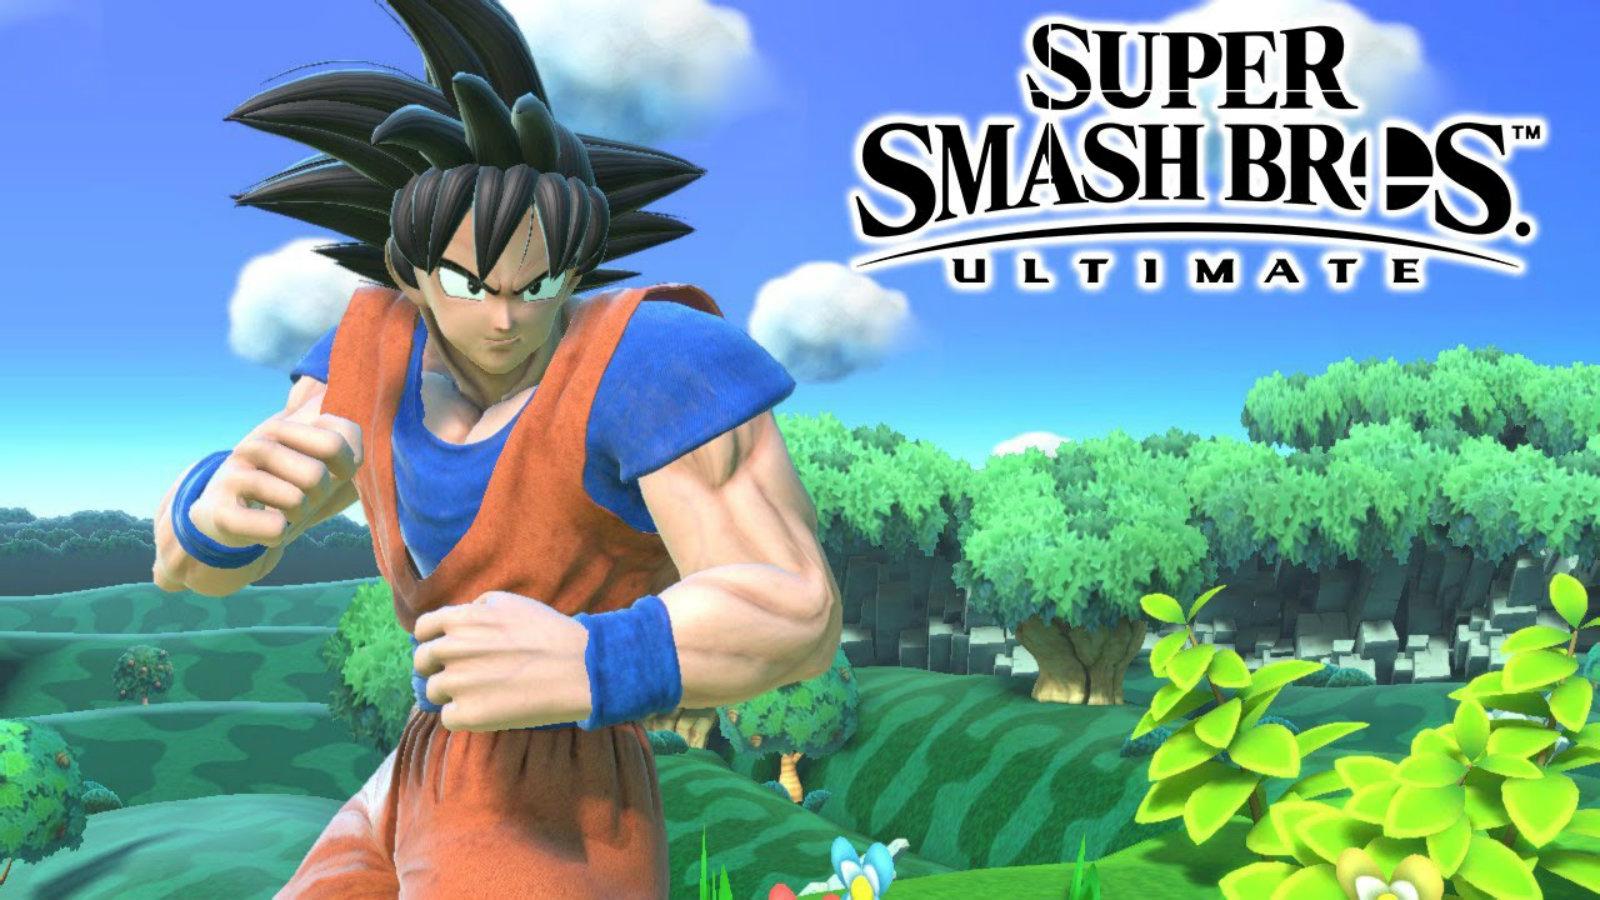 Goku comes to Smash Ultimate